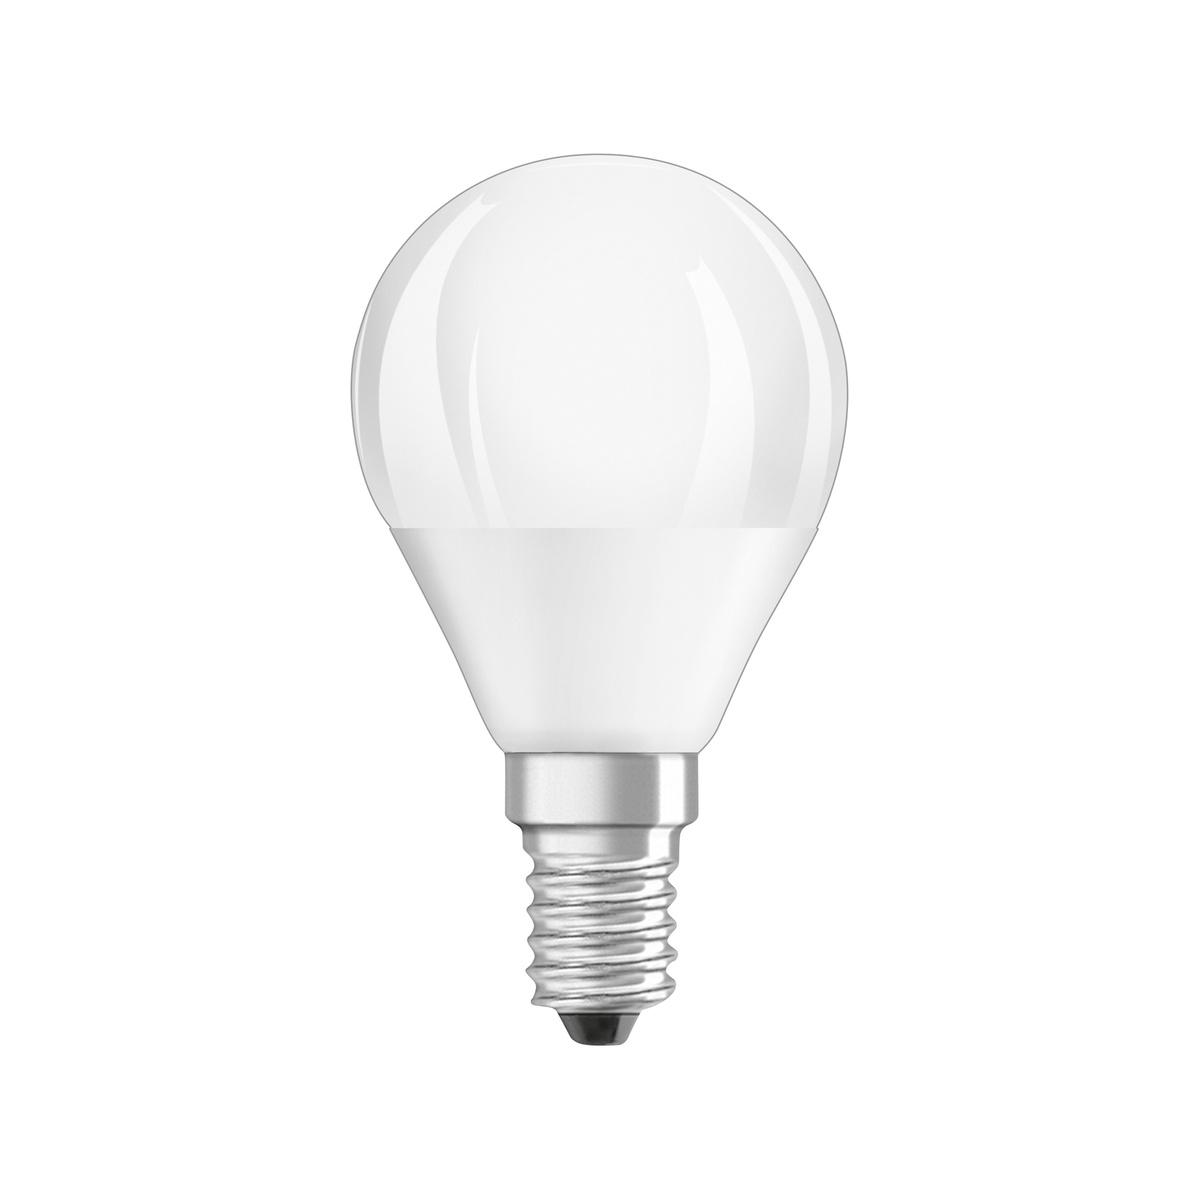 6f15ed087ad LED LAMP P35 5.5W E14 827 FR 470/140L DU